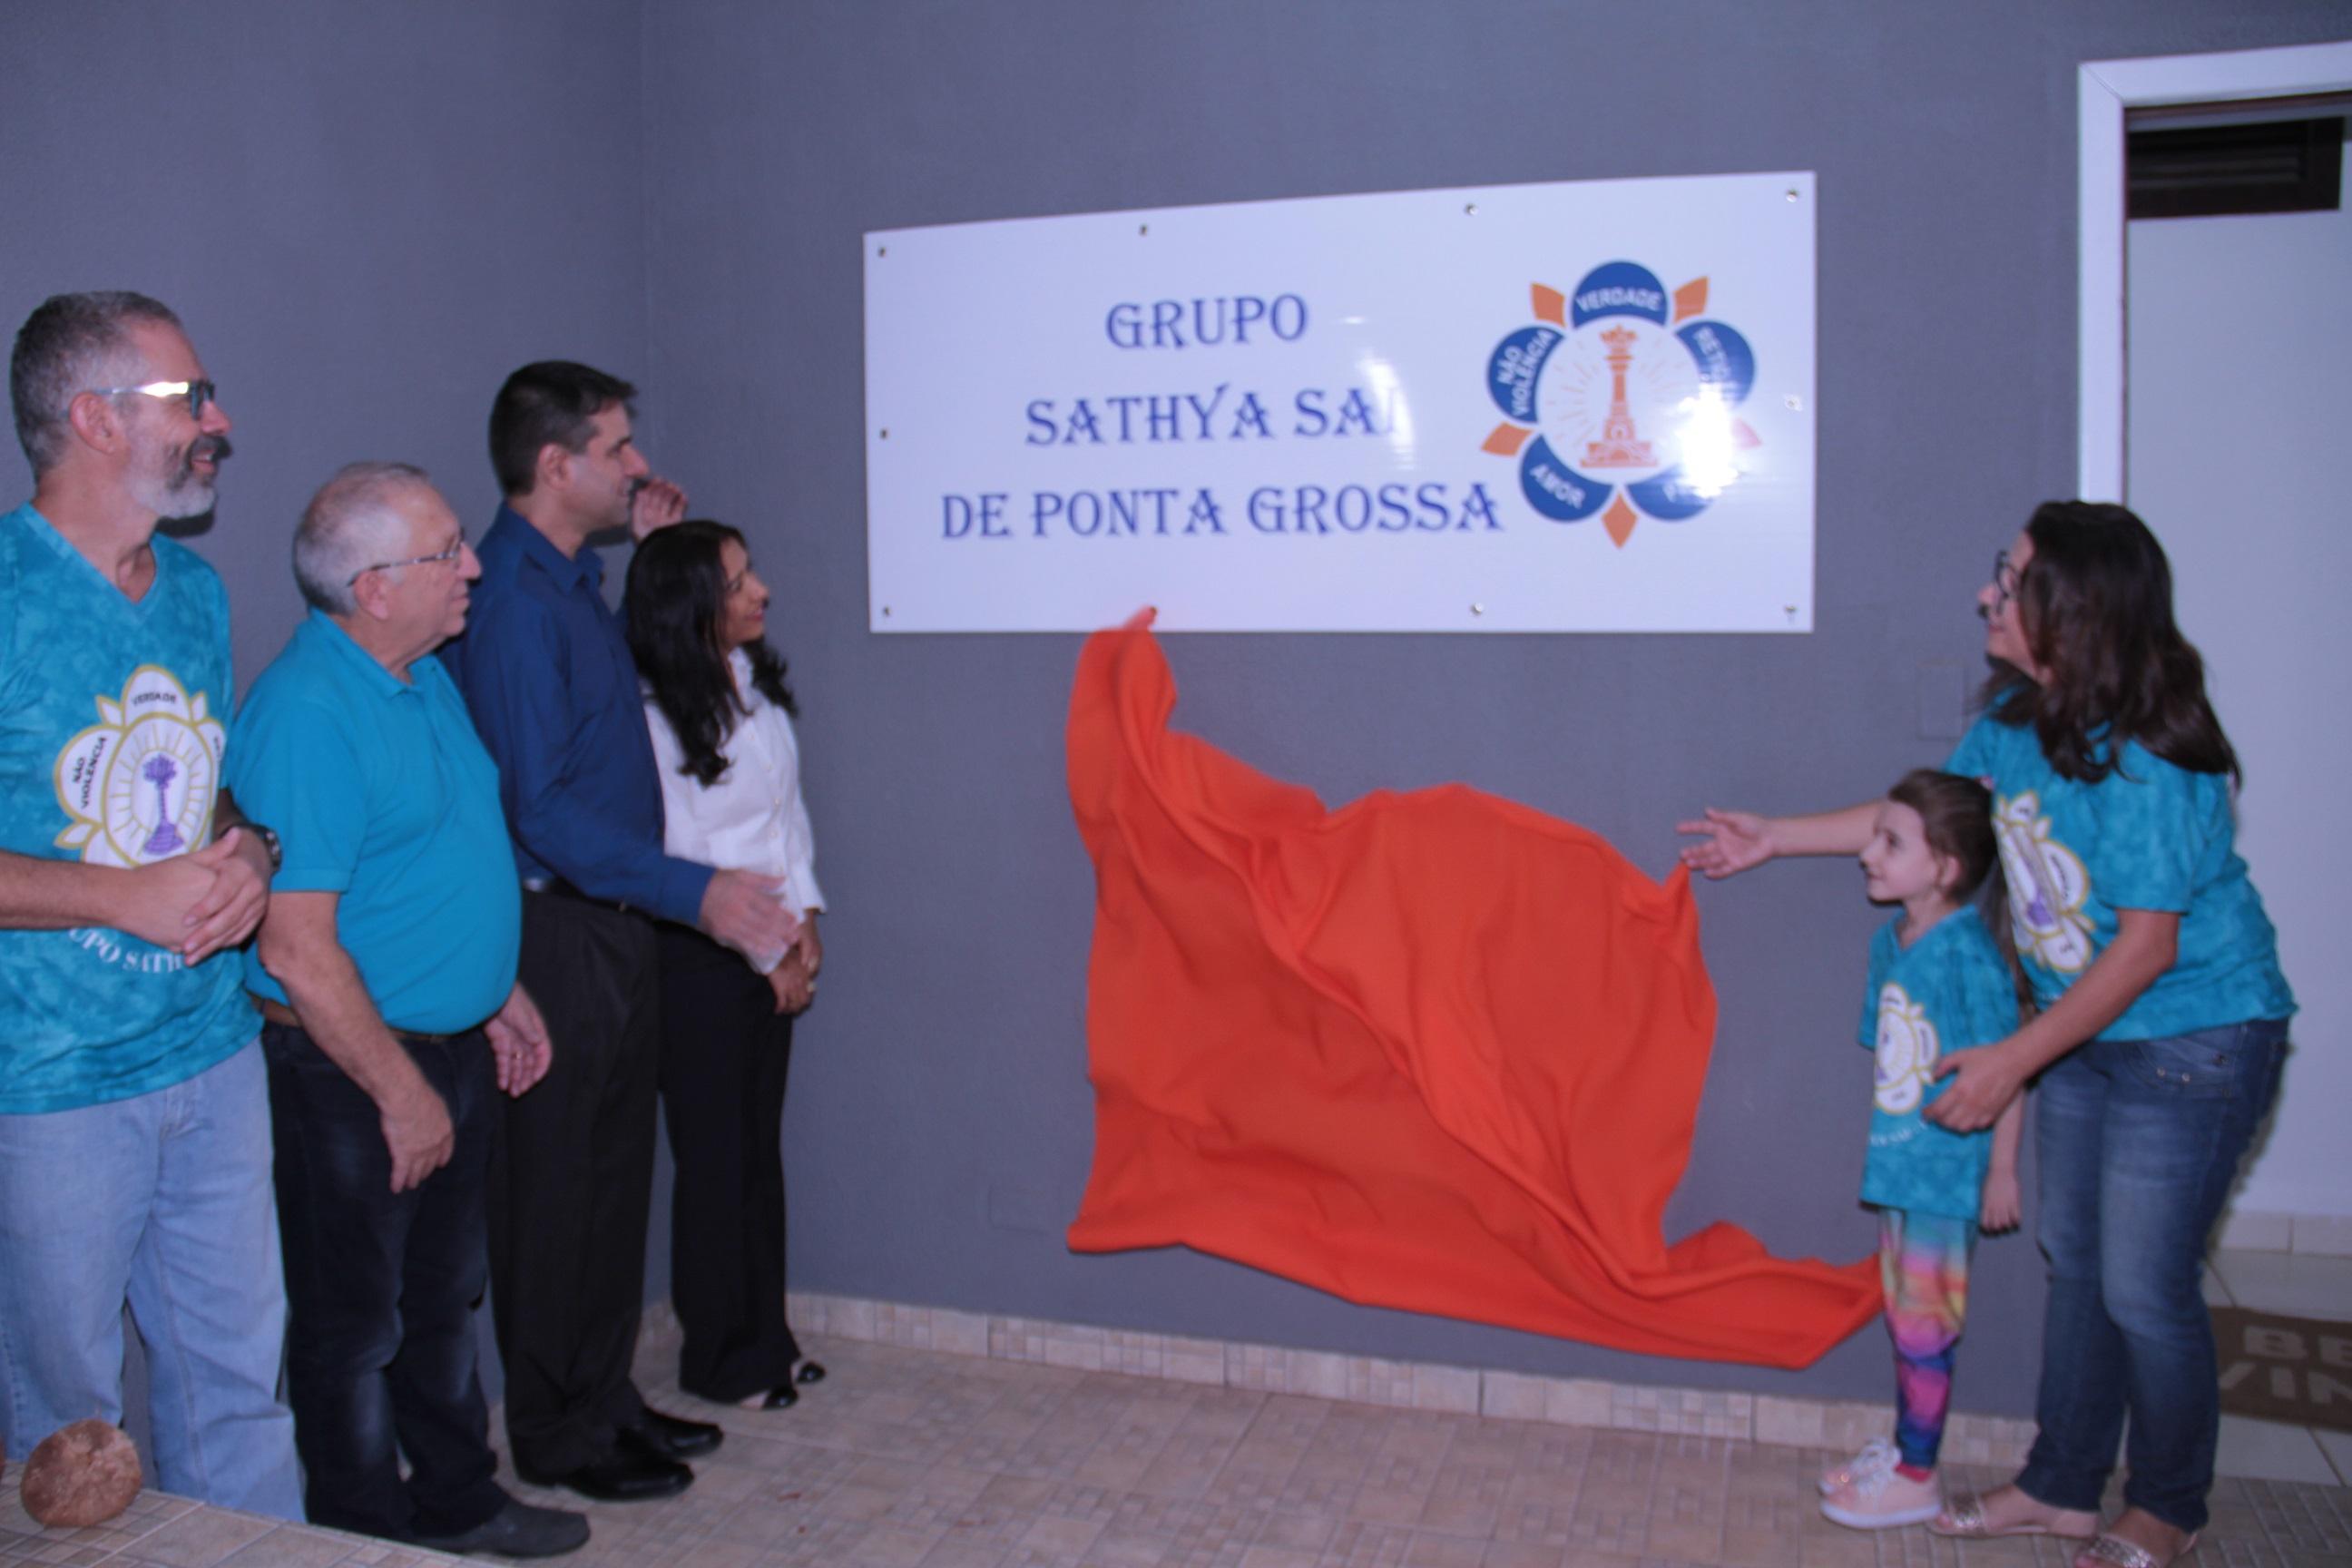 Ponta Grossa 5